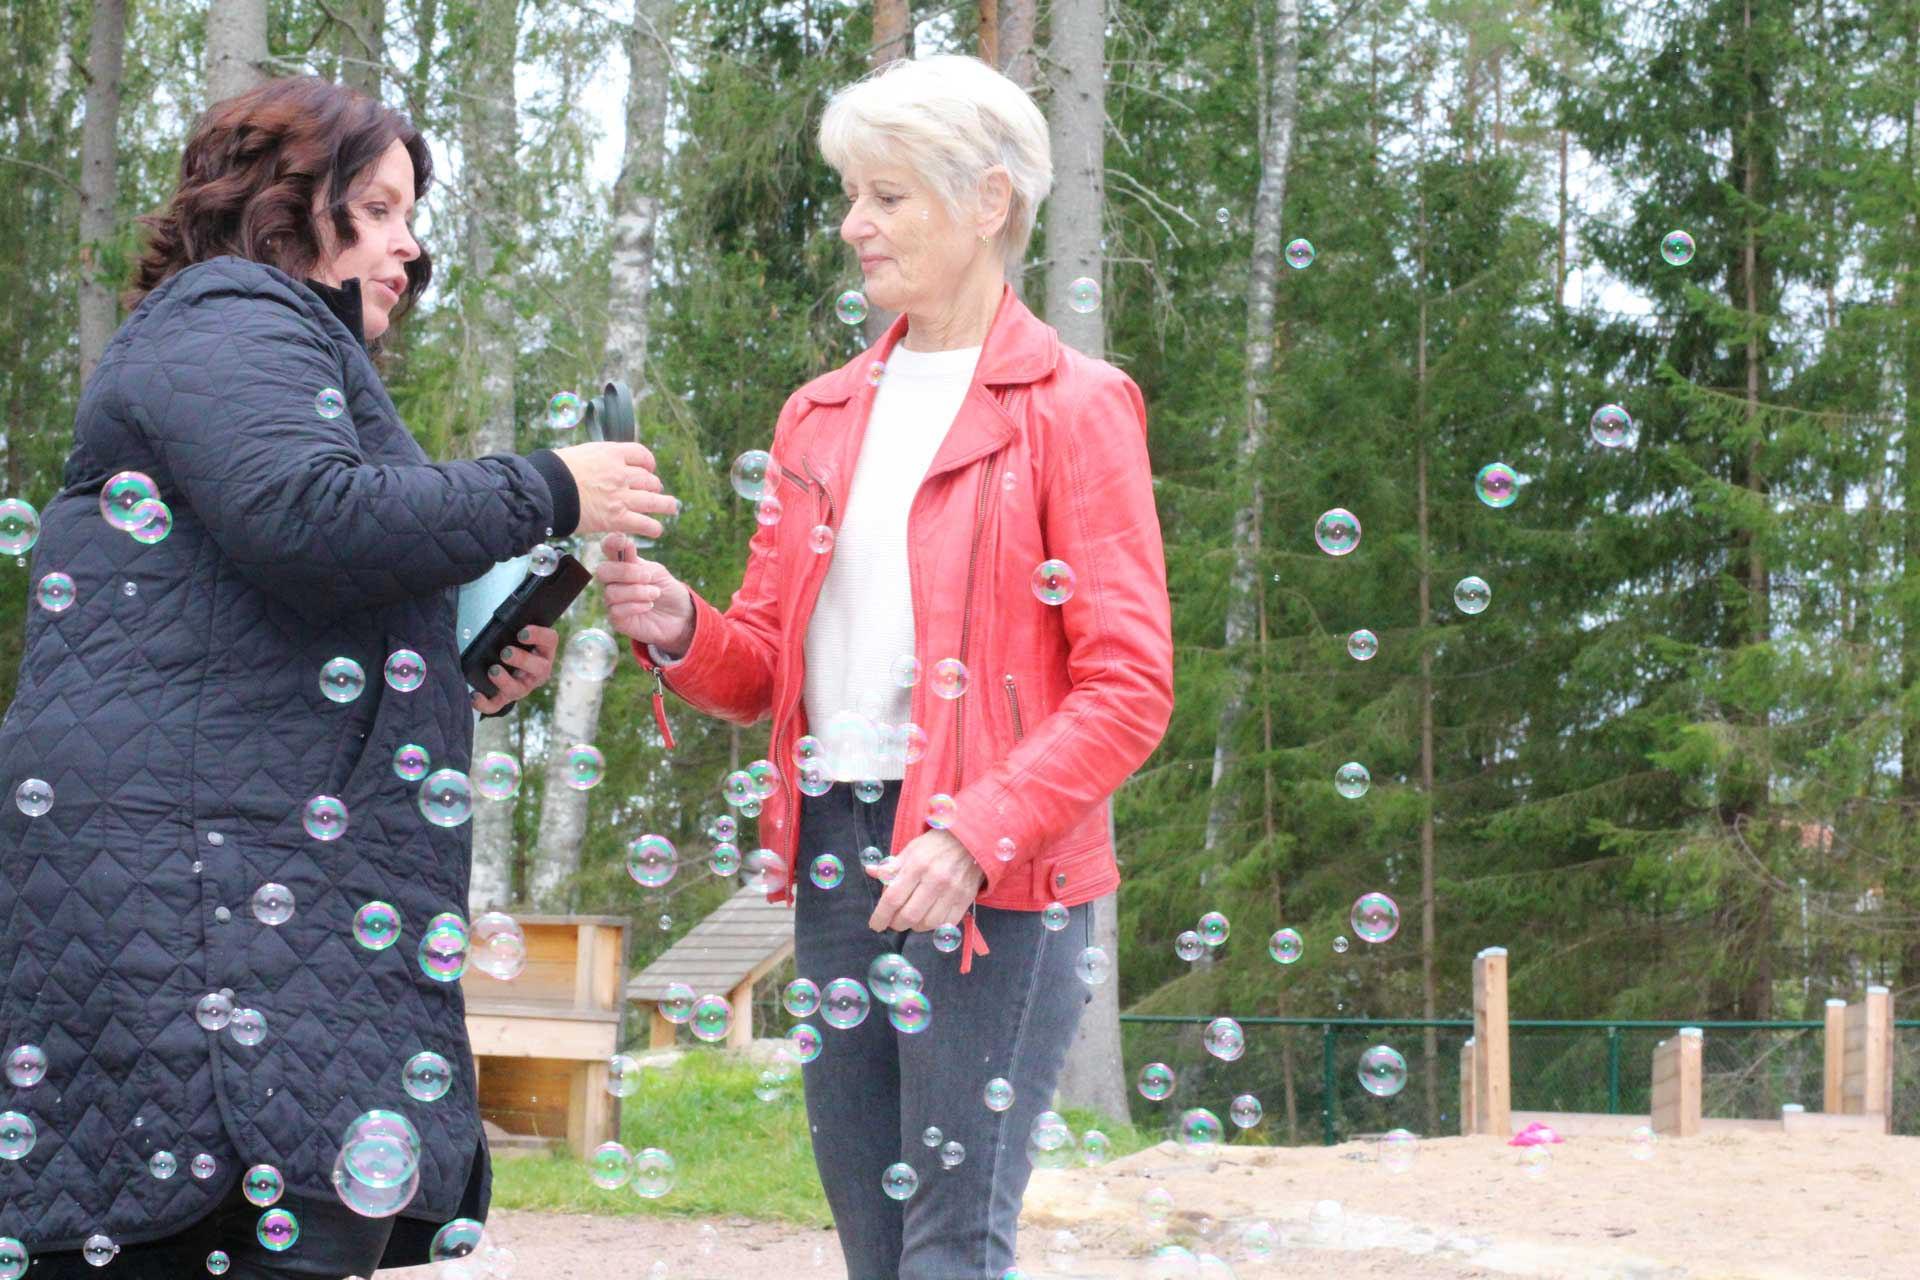 Två kvinnor och såpbubblor